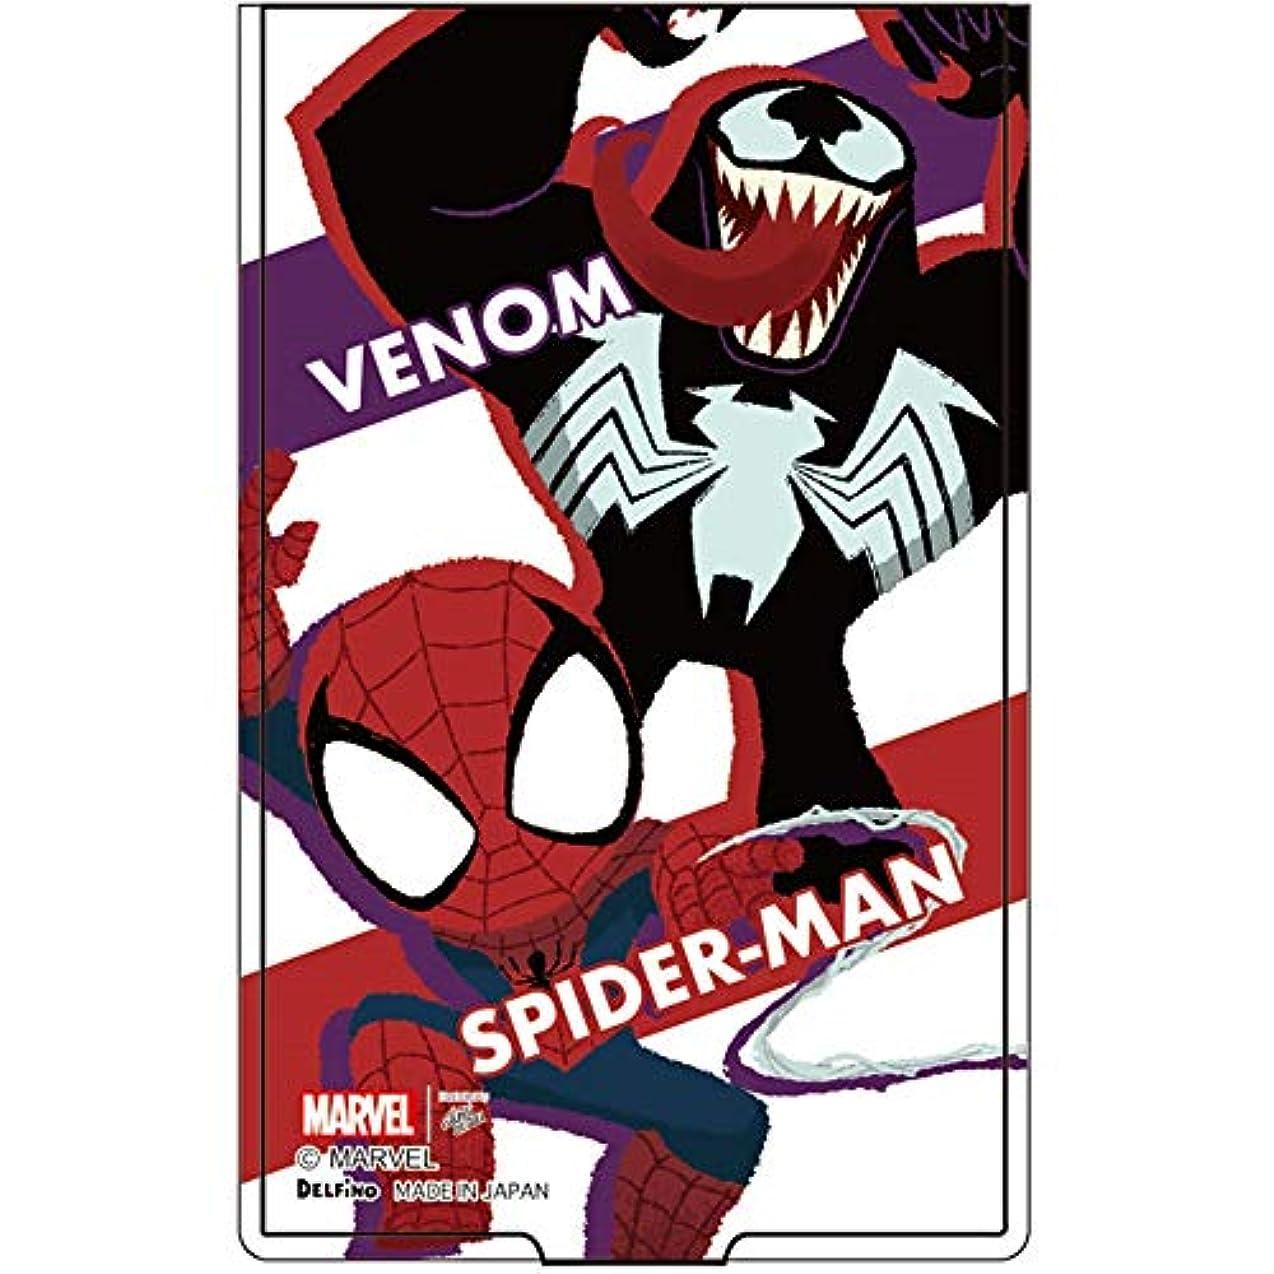 甘くするかけるポンドデルフィーノ ディズニーマーベル ミニミラー ヴェノム&スパイダーマン DZ-80407